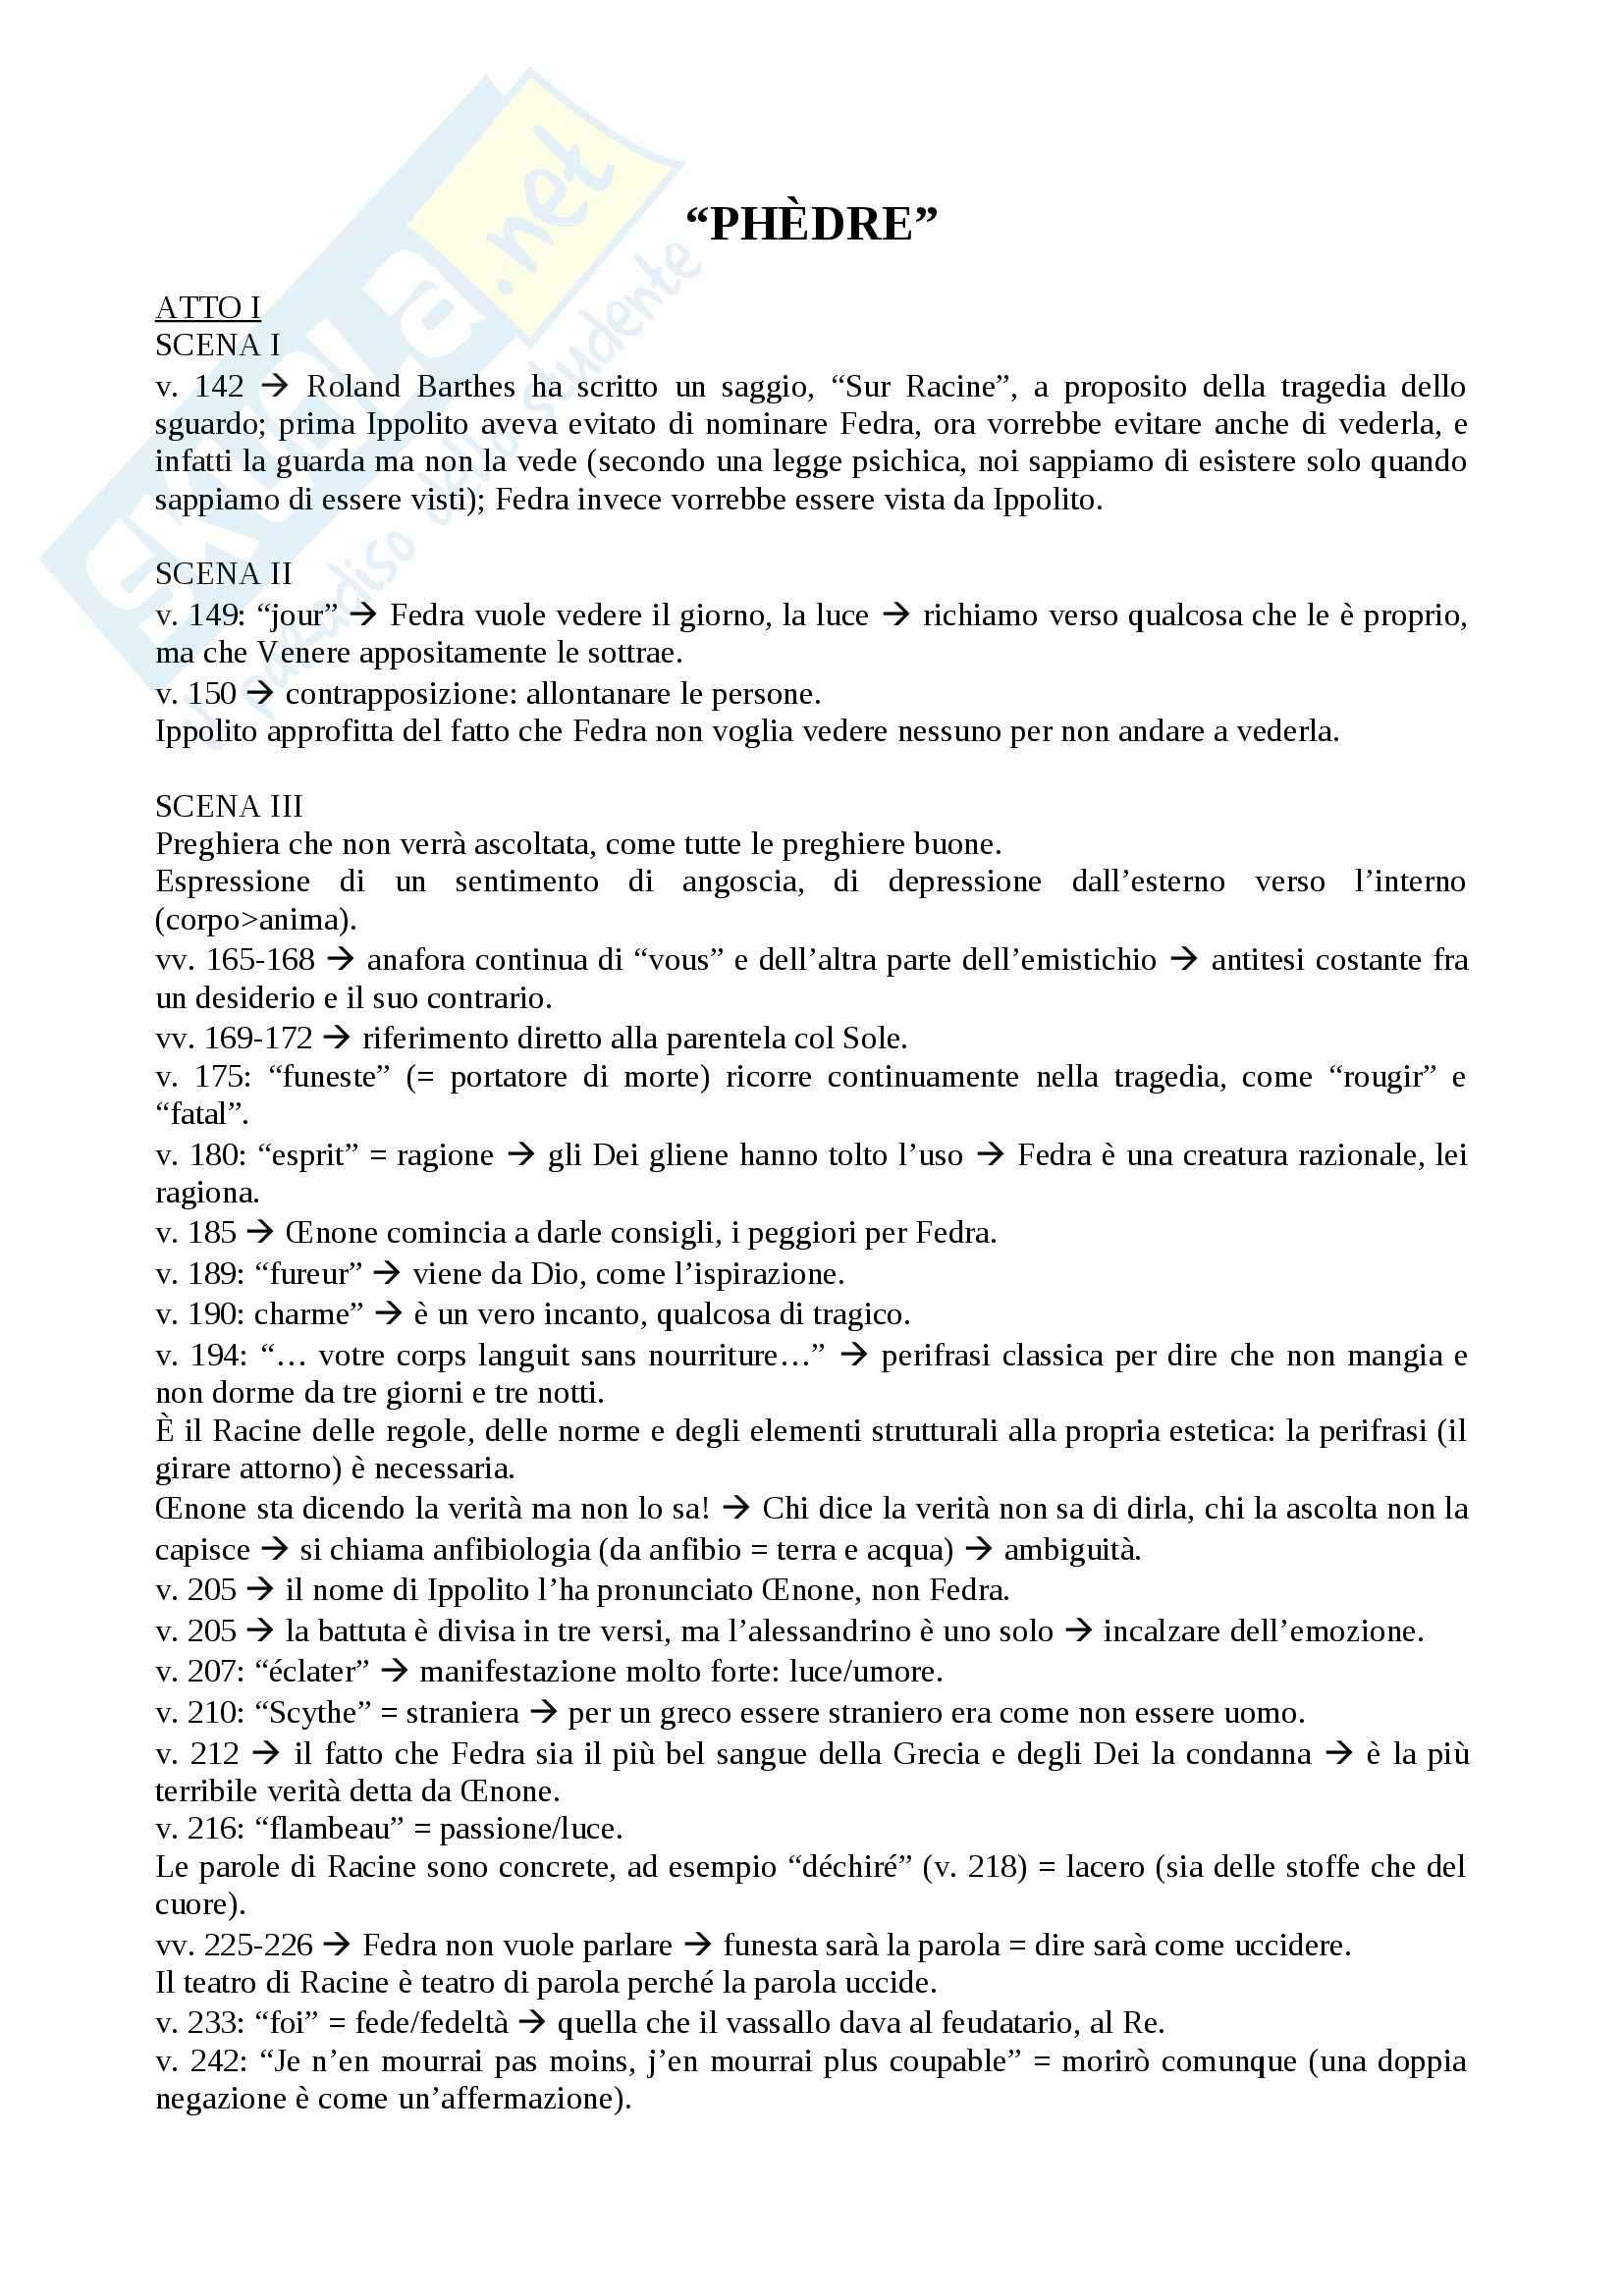 Drammaturgia Francese - Phèdre e altre opere